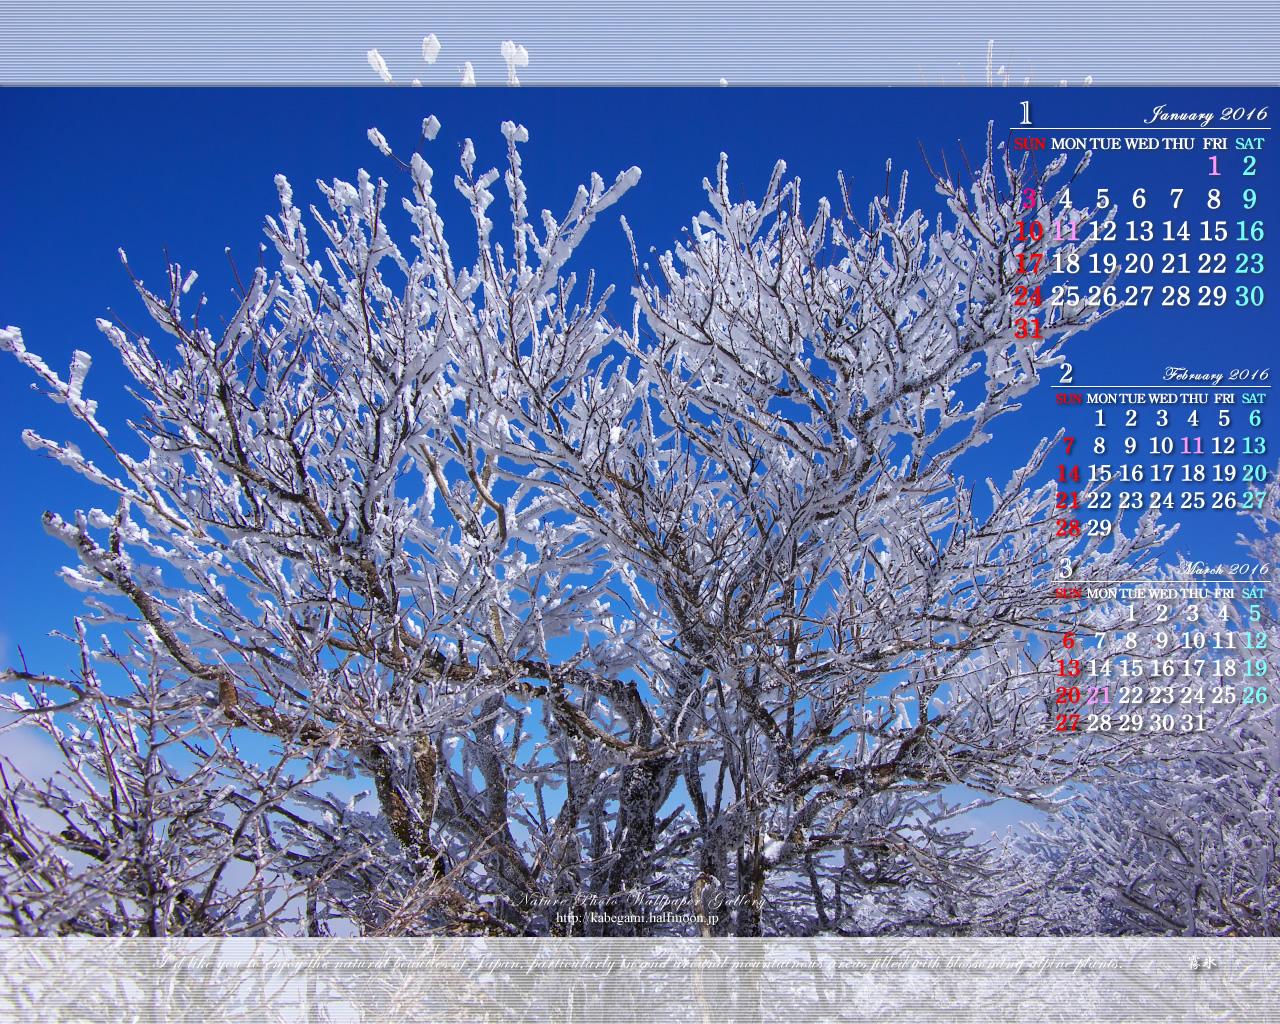 カレンダー 3ヶ月カレンダー 無料 : 今月の壁紙カレンダー「霧氷の ...